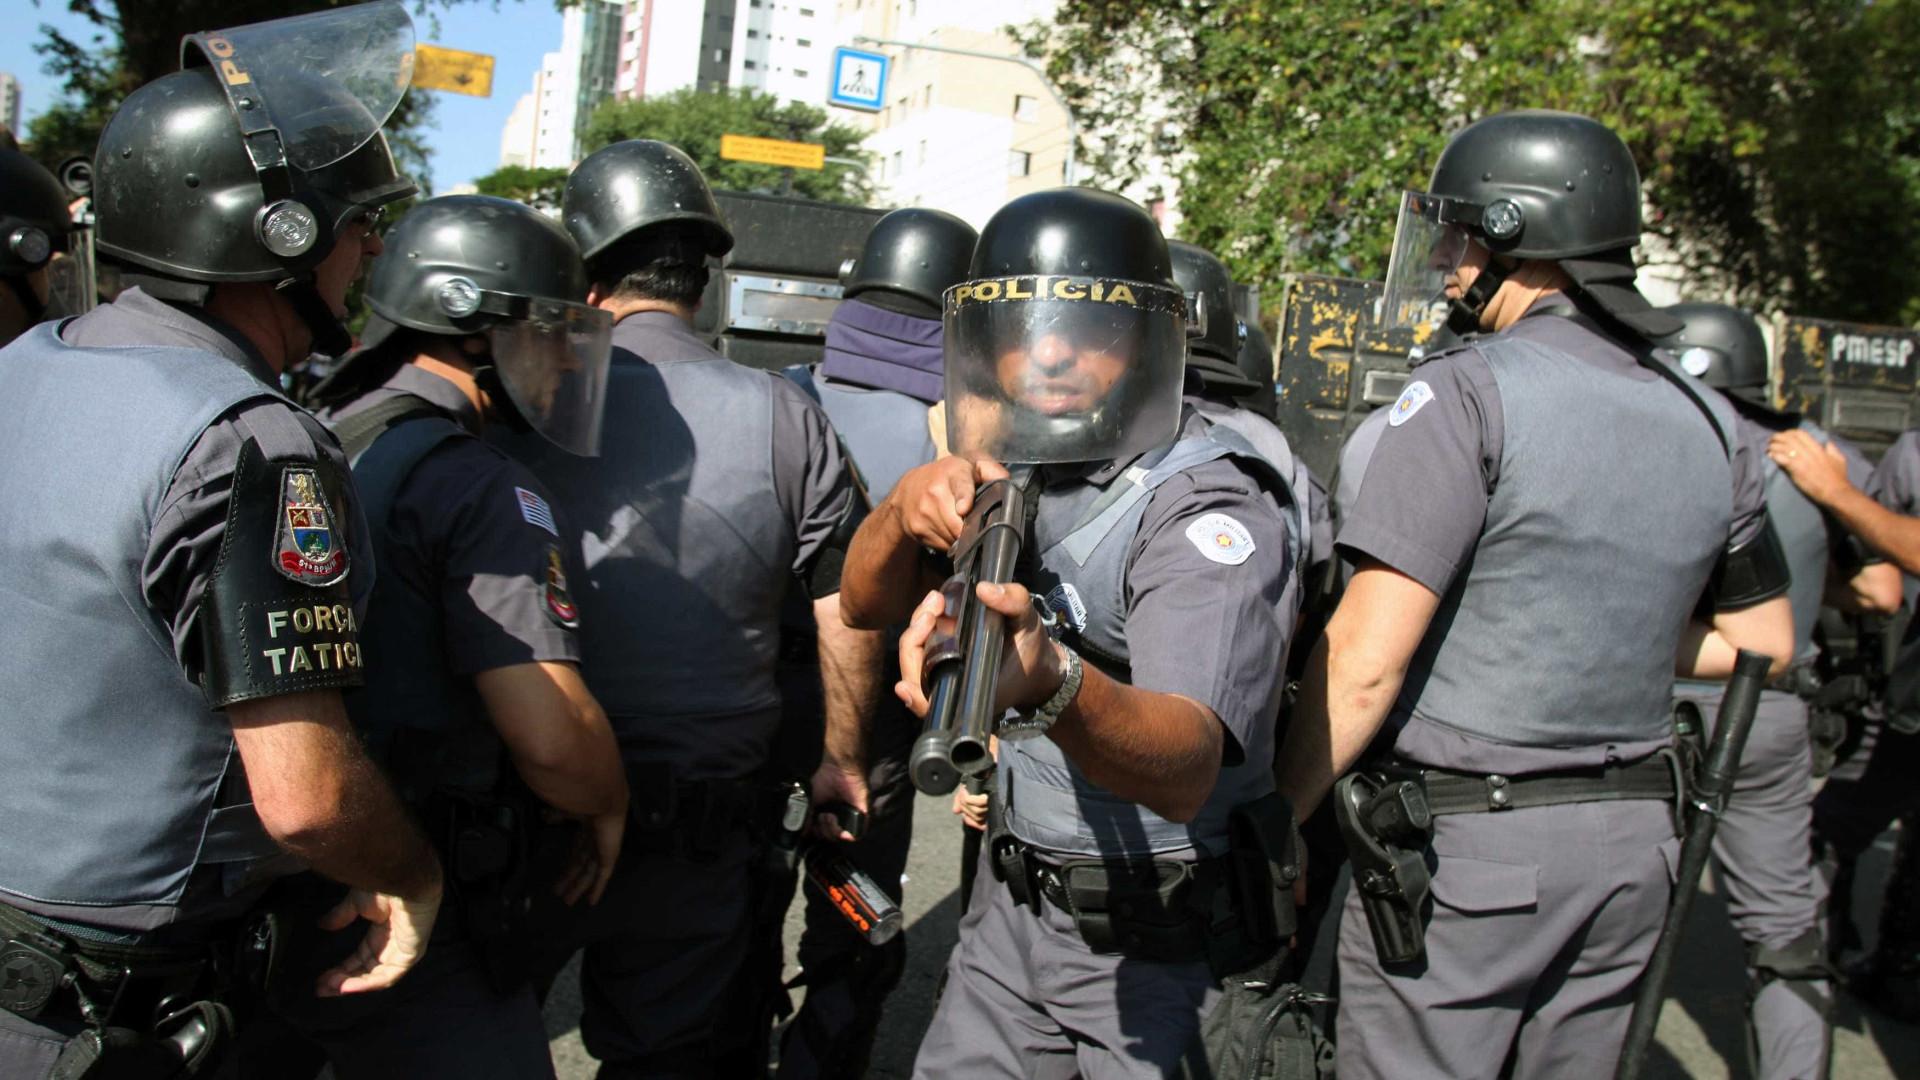 Policiamento na Praia de Copacabana reduz 13,7% em relação a 2015